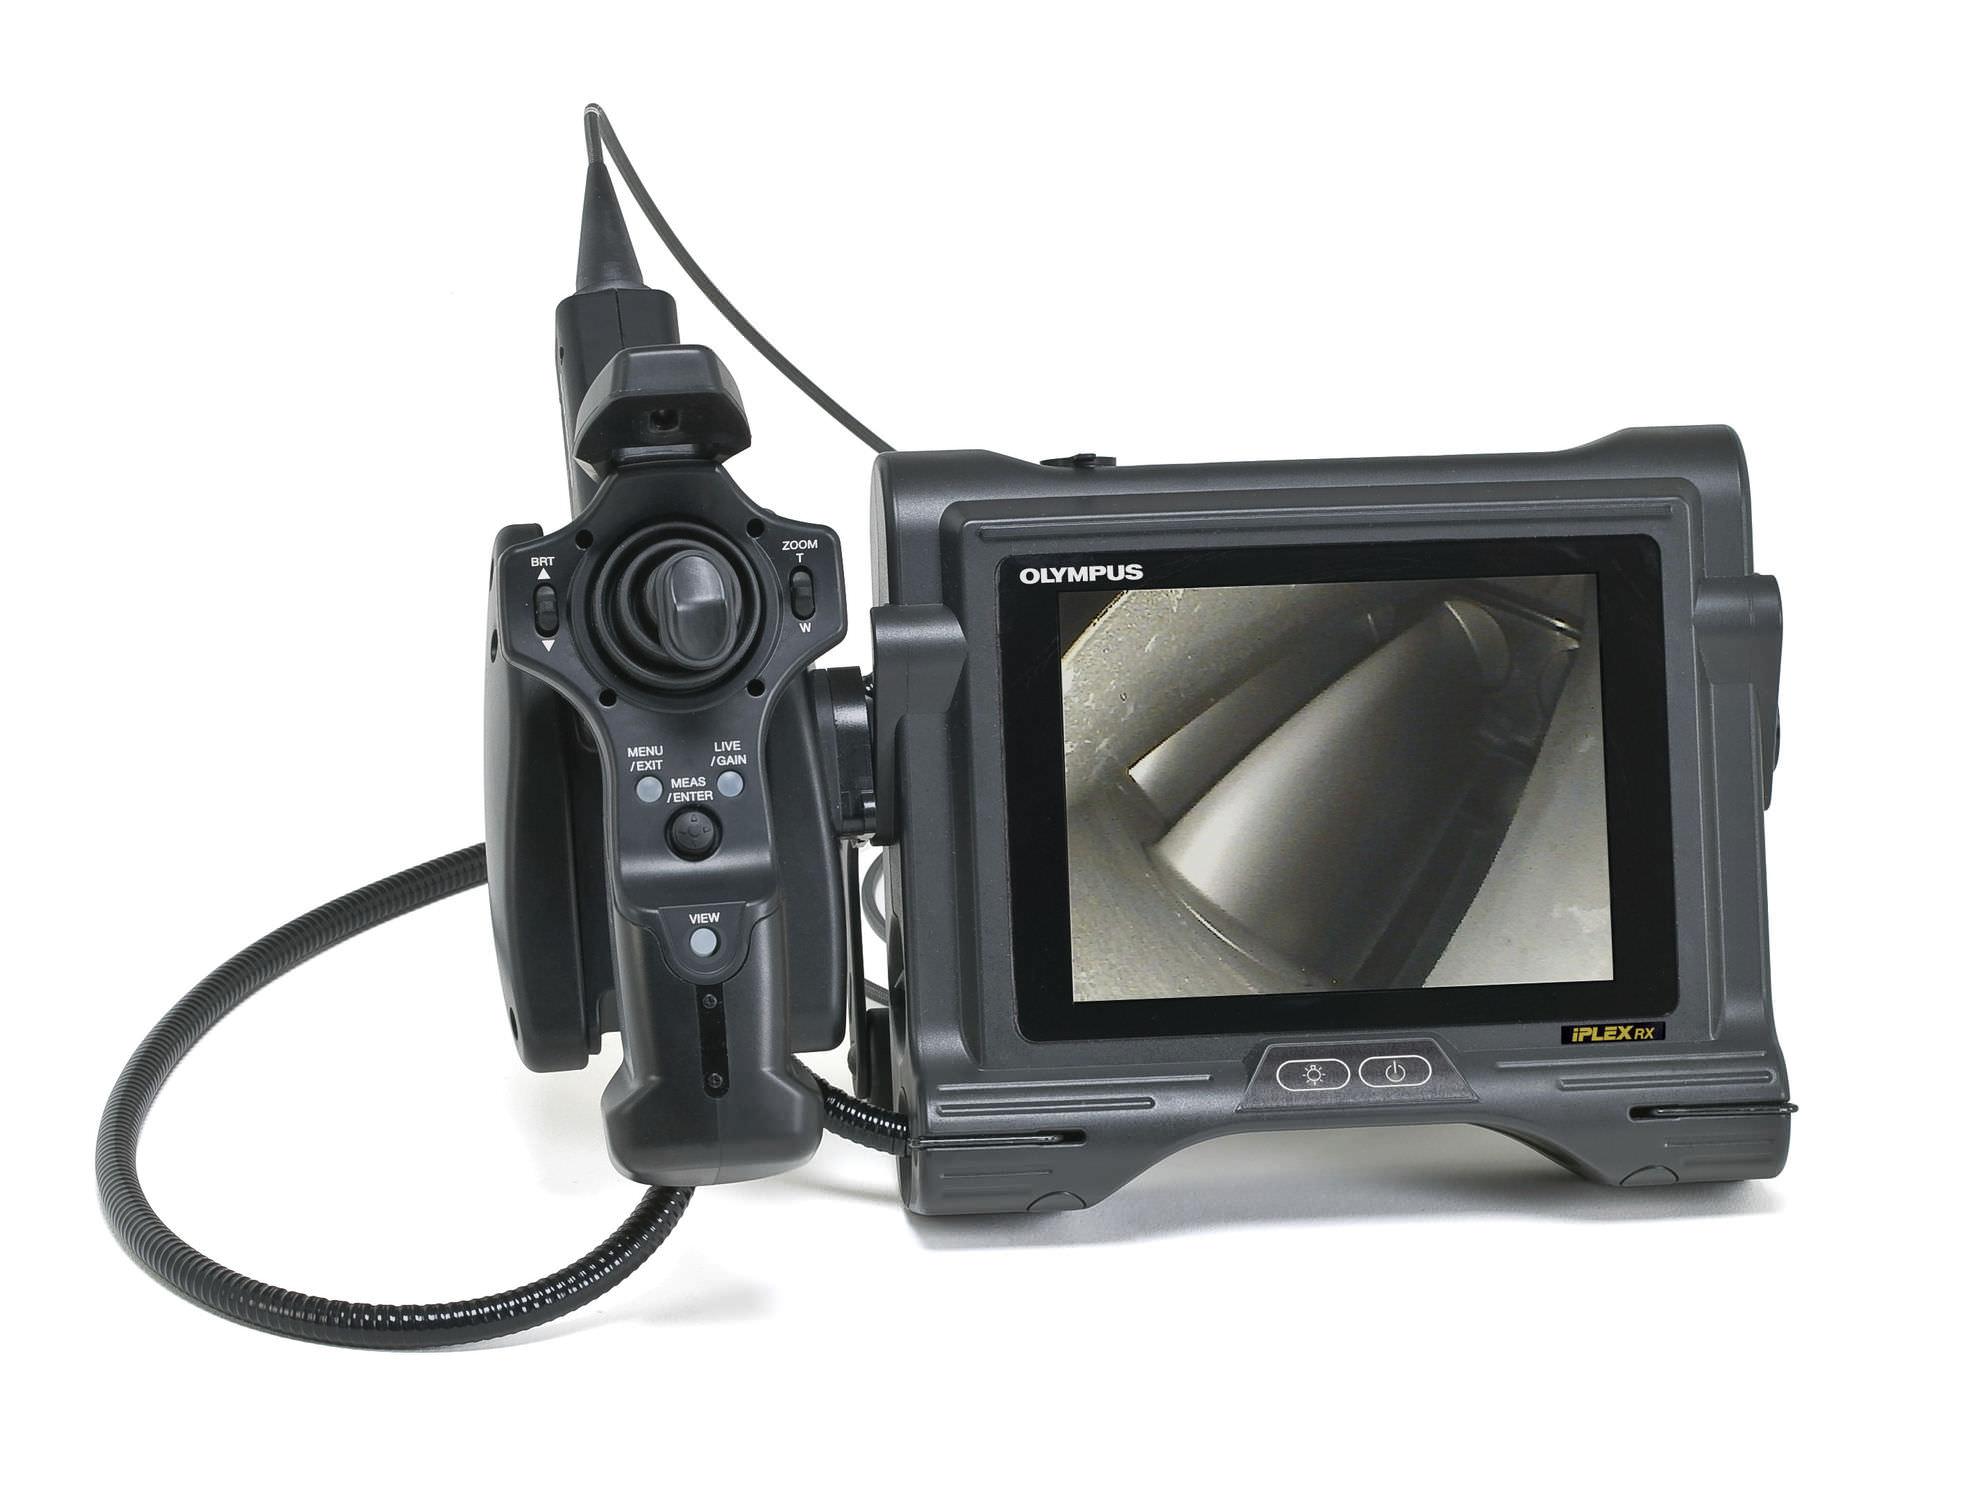 IPLEX RX - IV9675RX